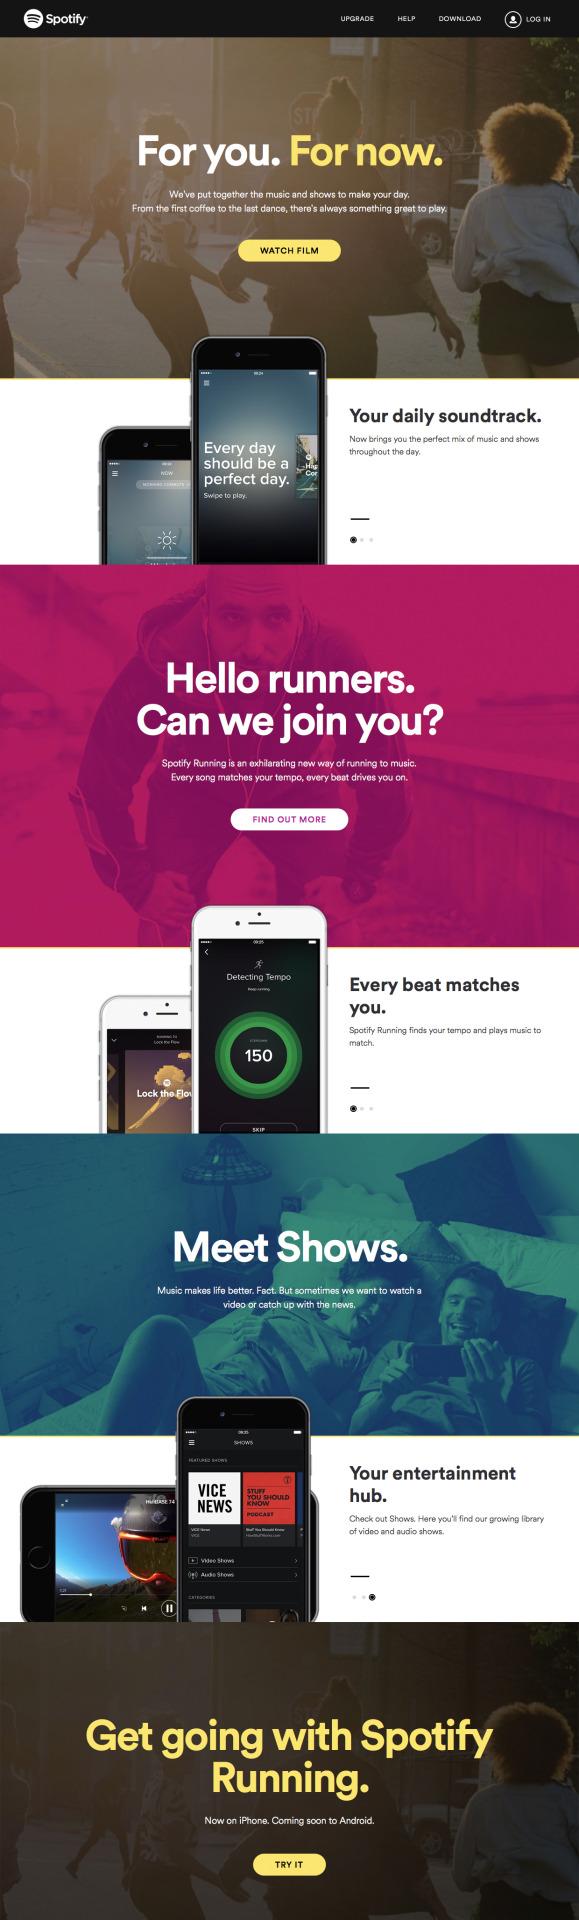 Now - Spotify  https://www.spotify.com/us/now/